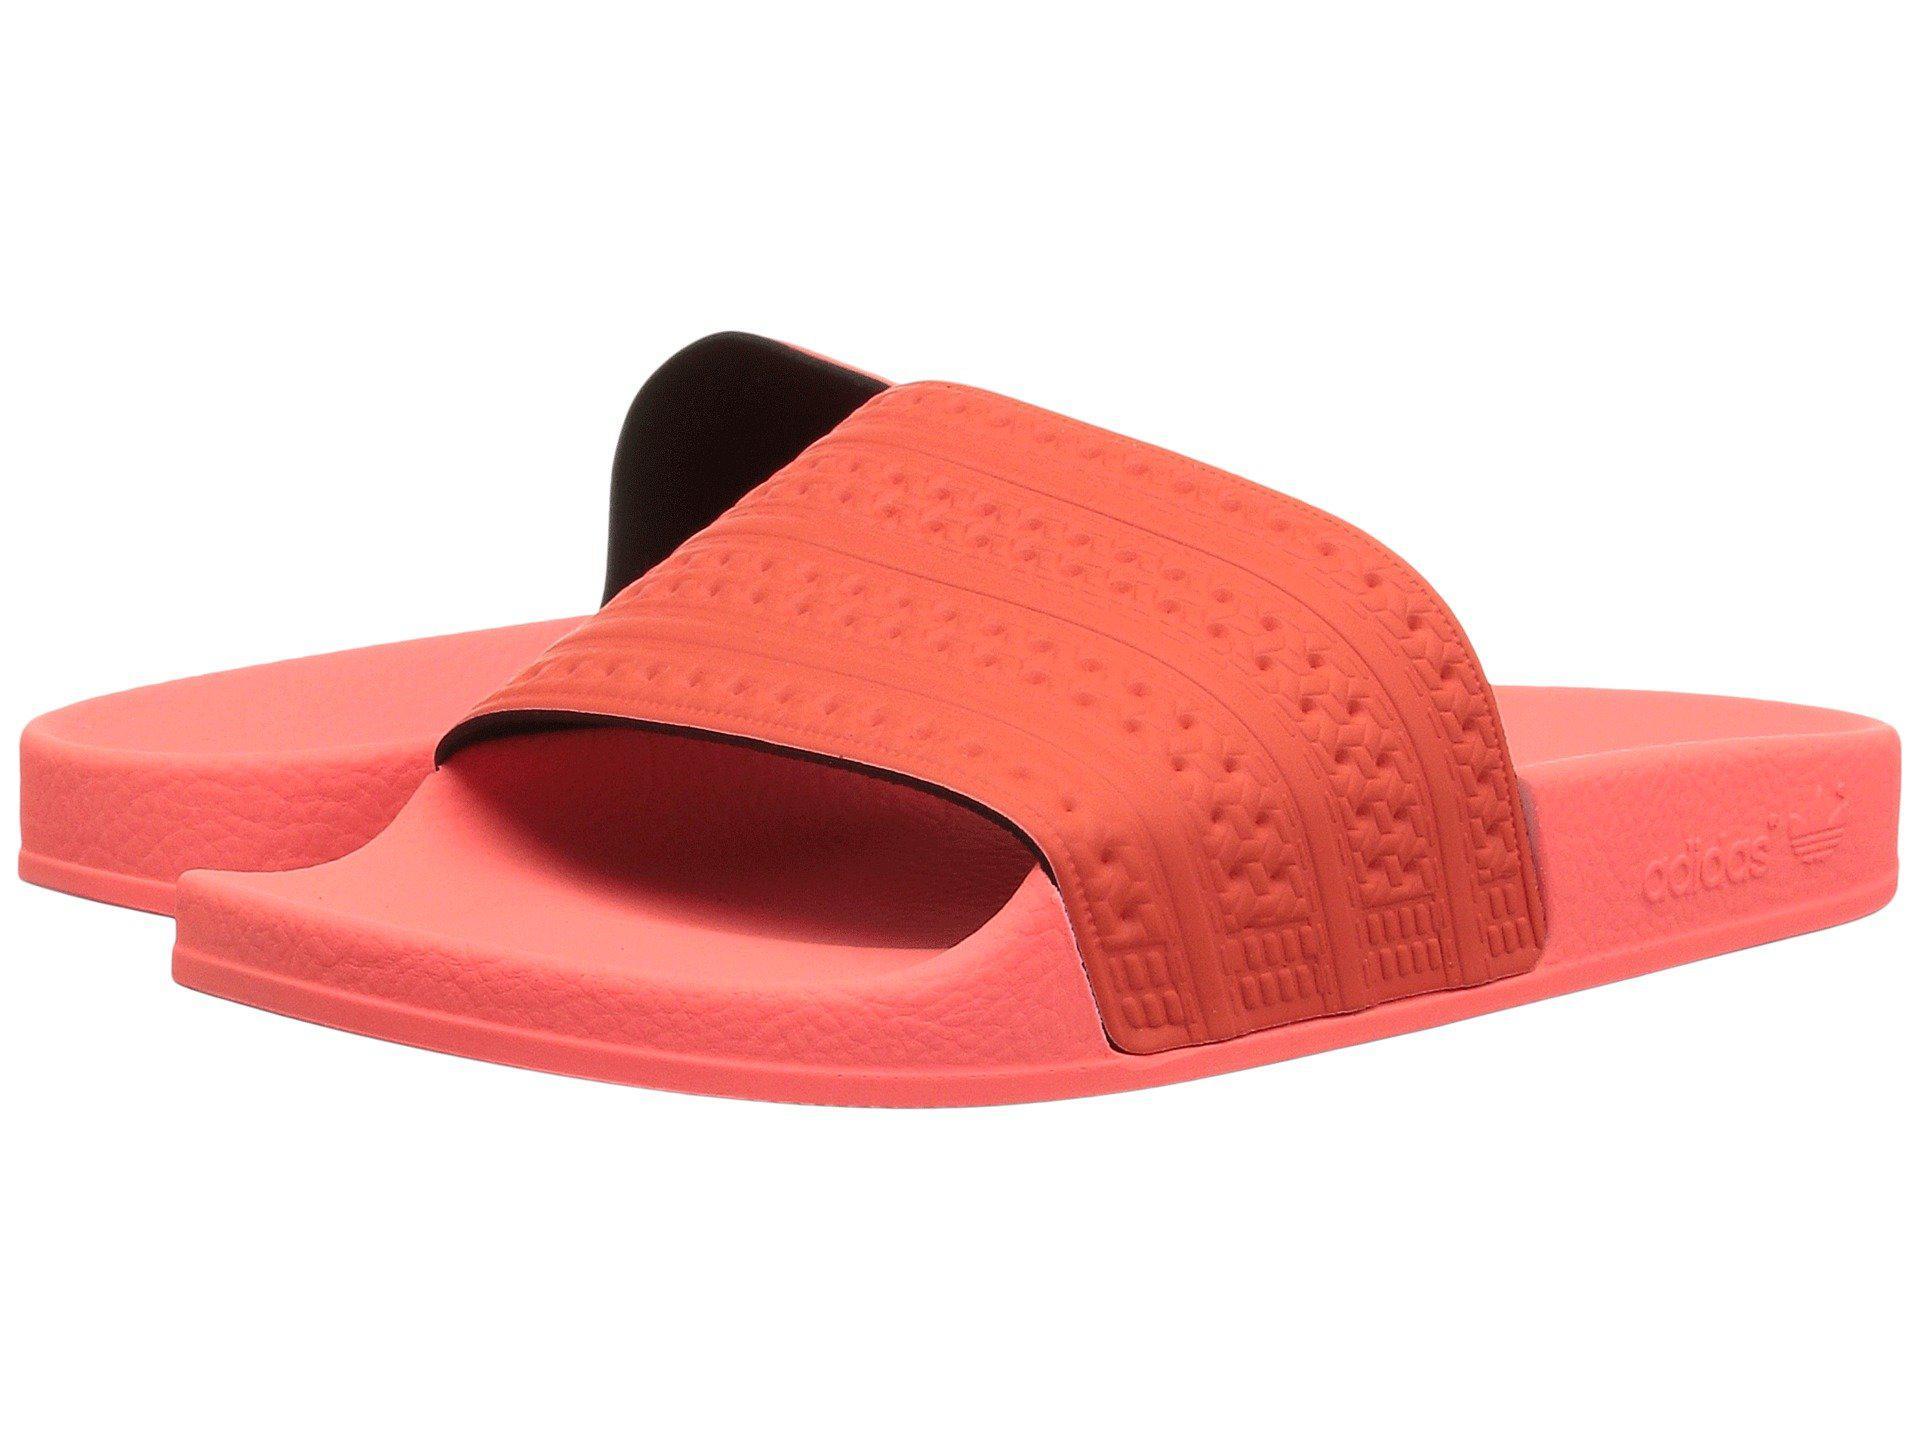 fdb606fad55d Lyst - Adidas Originals Adilette in Pink